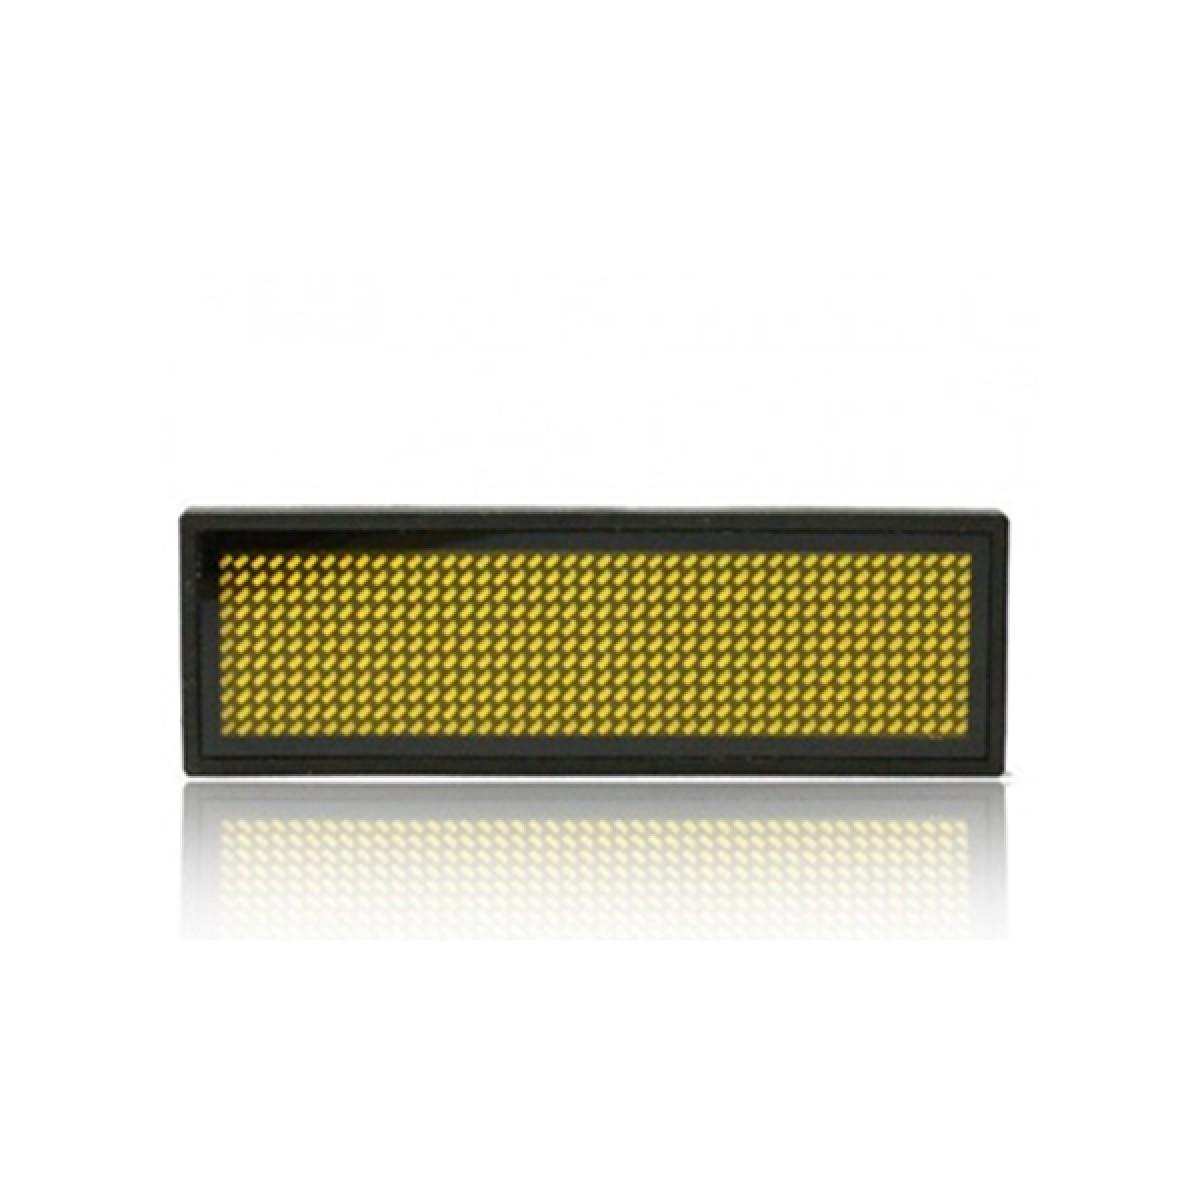 LED Ταμπελάκι τύπου κονκάρδα κυλιόμενων μηνυμάτων κίτρινο χρώμα 8x3 cm B1236